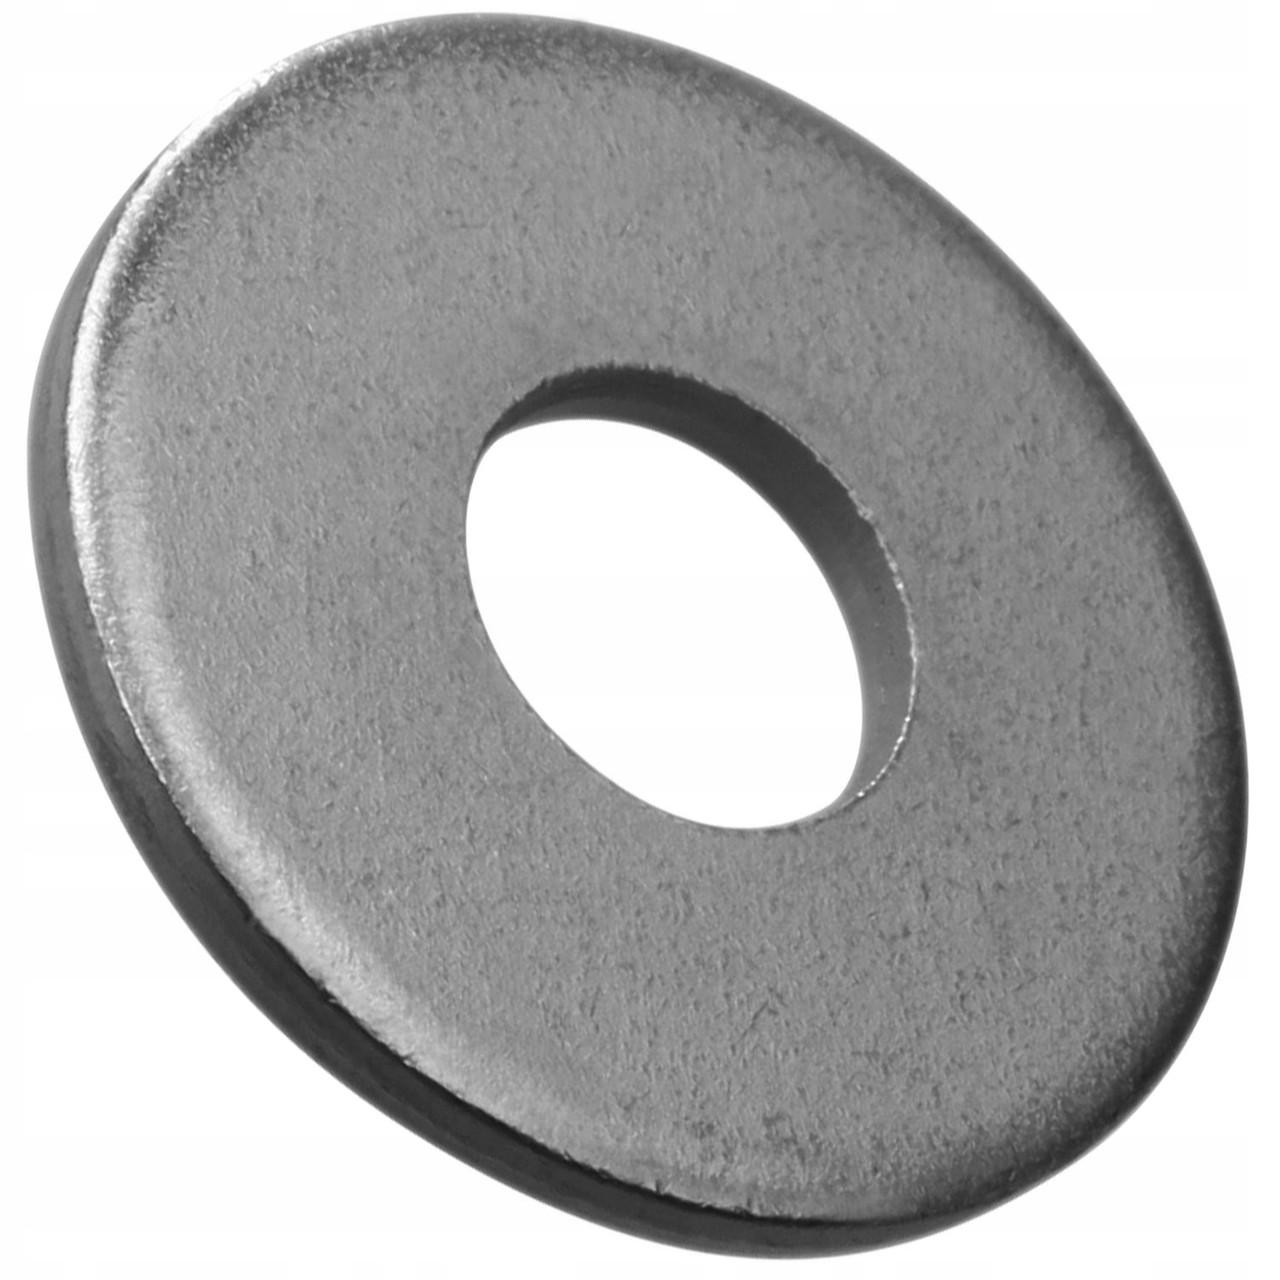 Шайба М 10 плоская увеличенная, оцинкованная (ШУ)